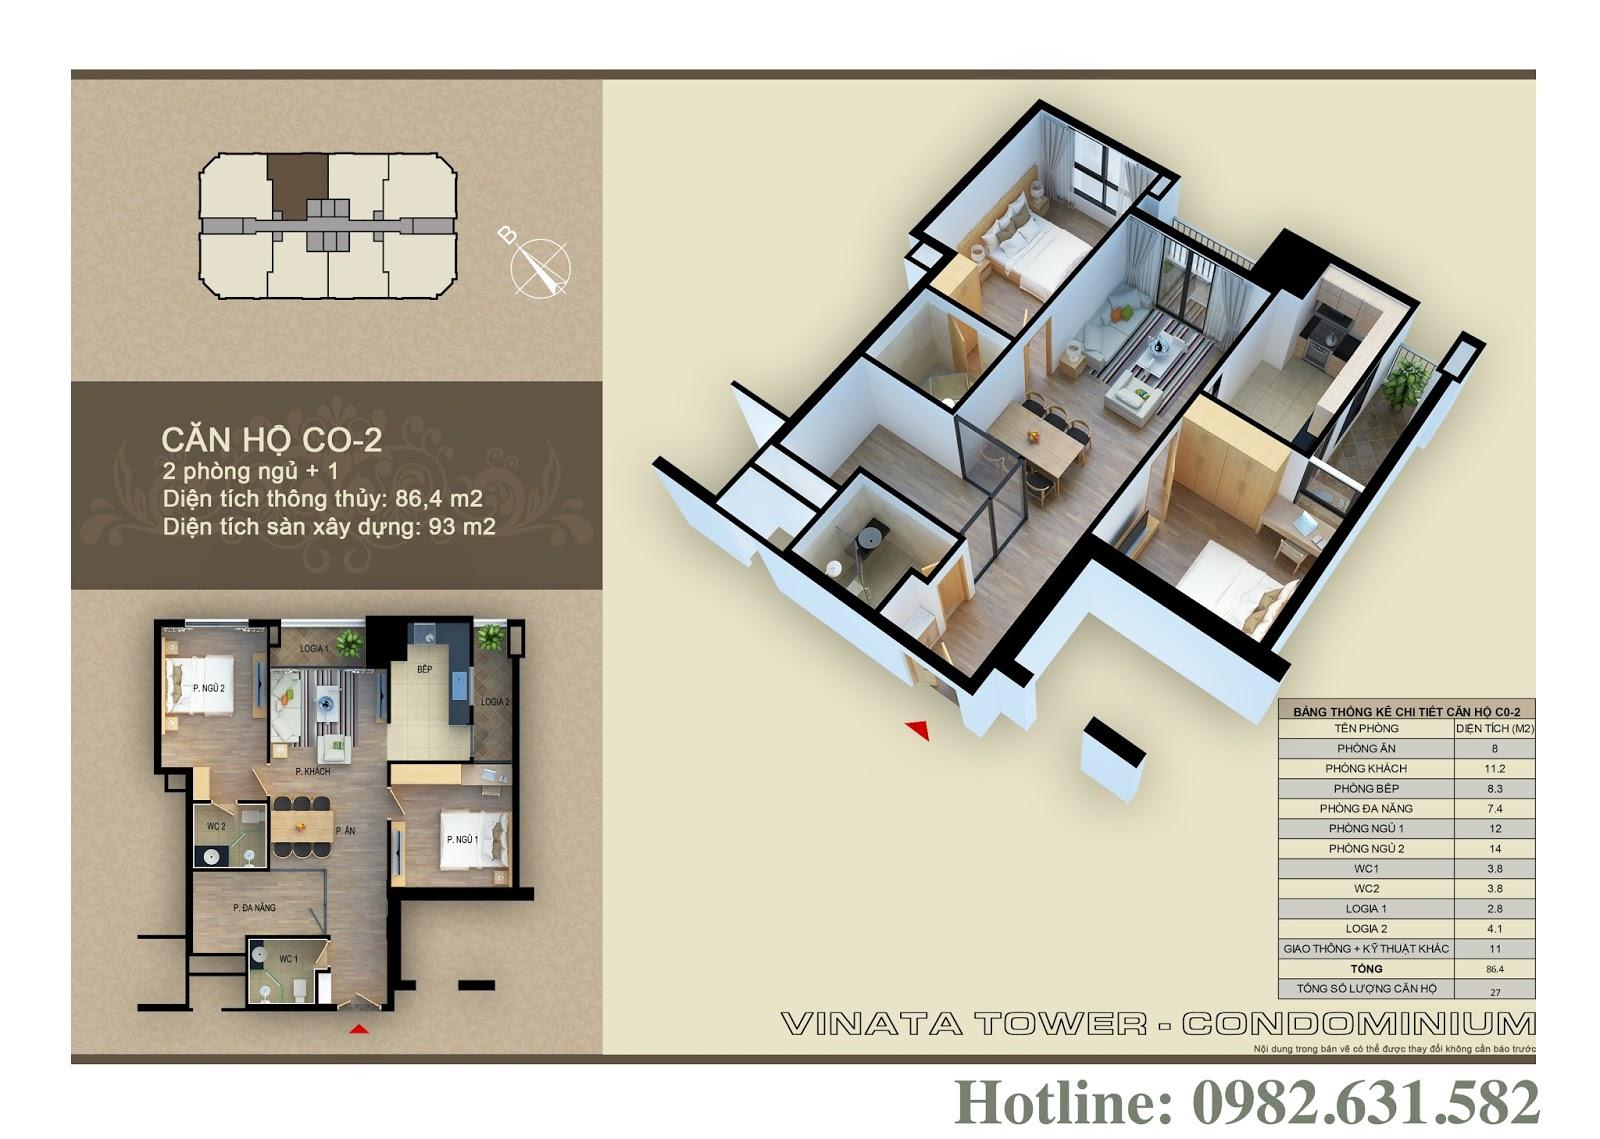 Thiết kế căn hộ chung cư Vinata Tower CO-02